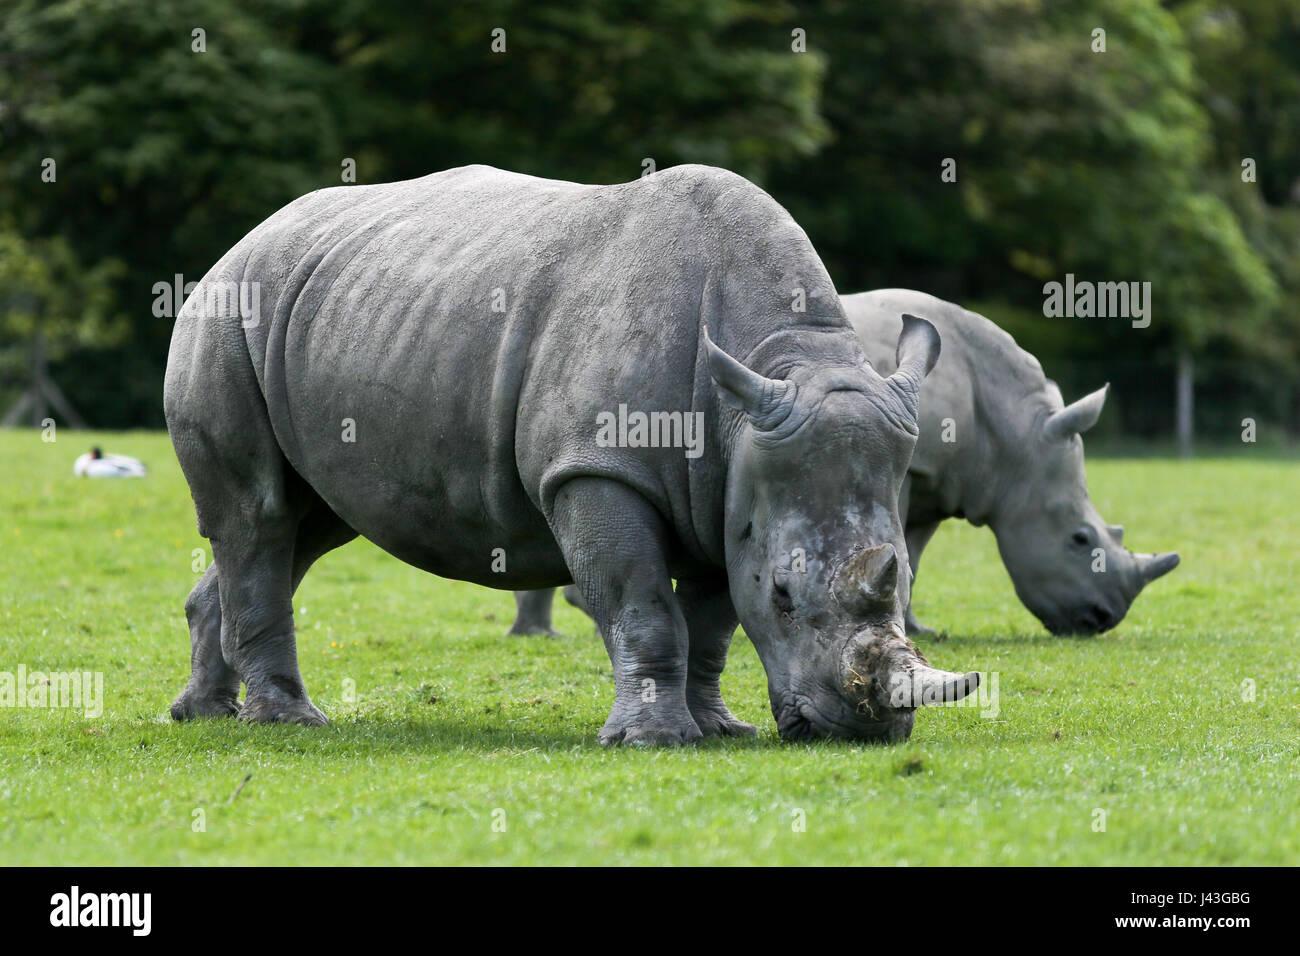 Rhino's at Knowsley Safari Park, Prescot, United Kingdom - Stock Image